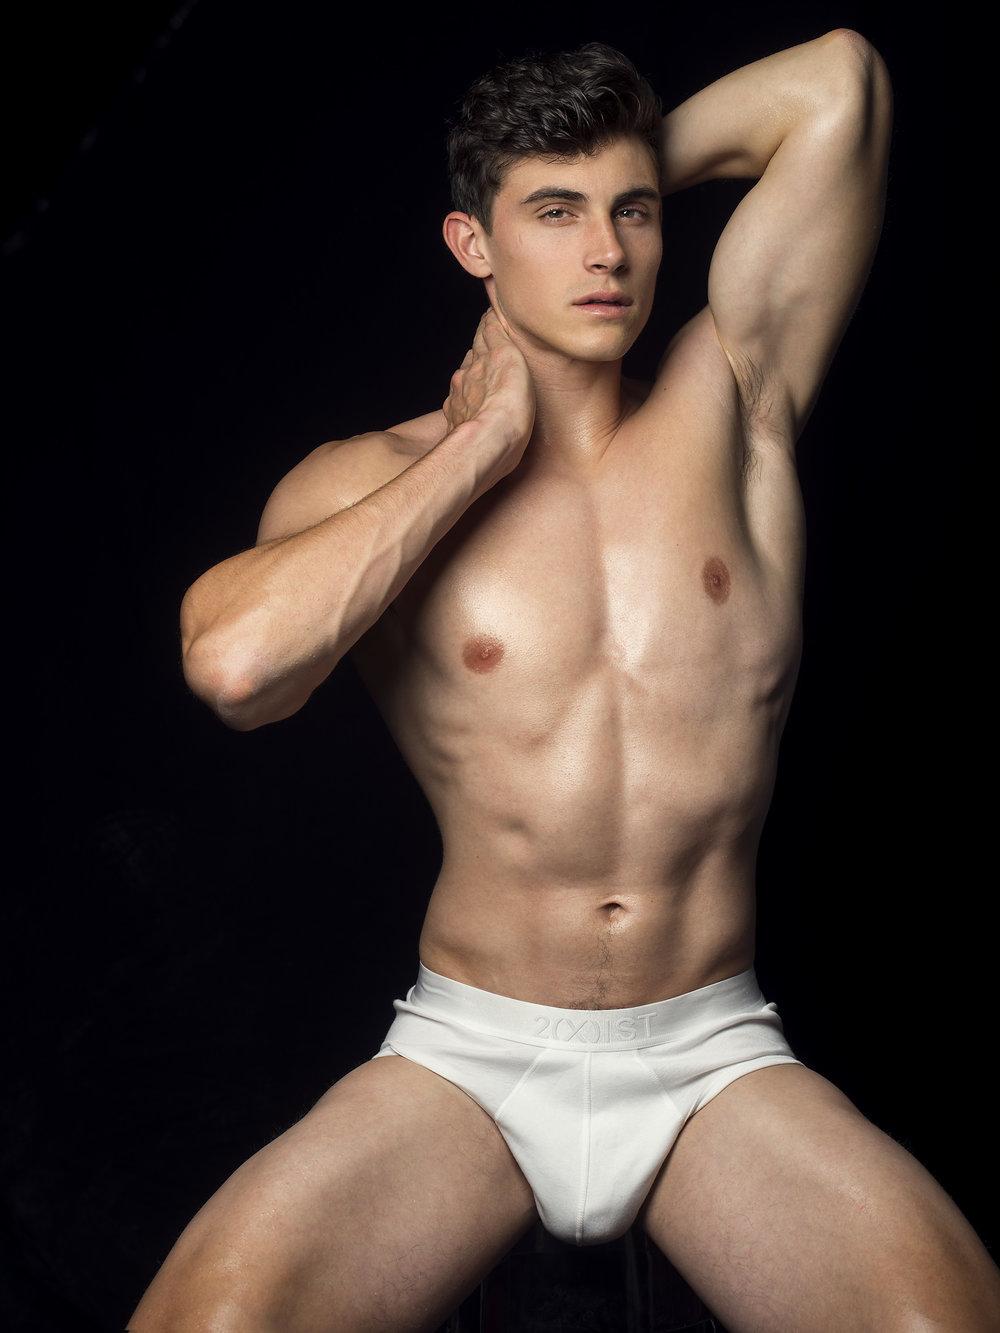 Underwear -  2(X)ist